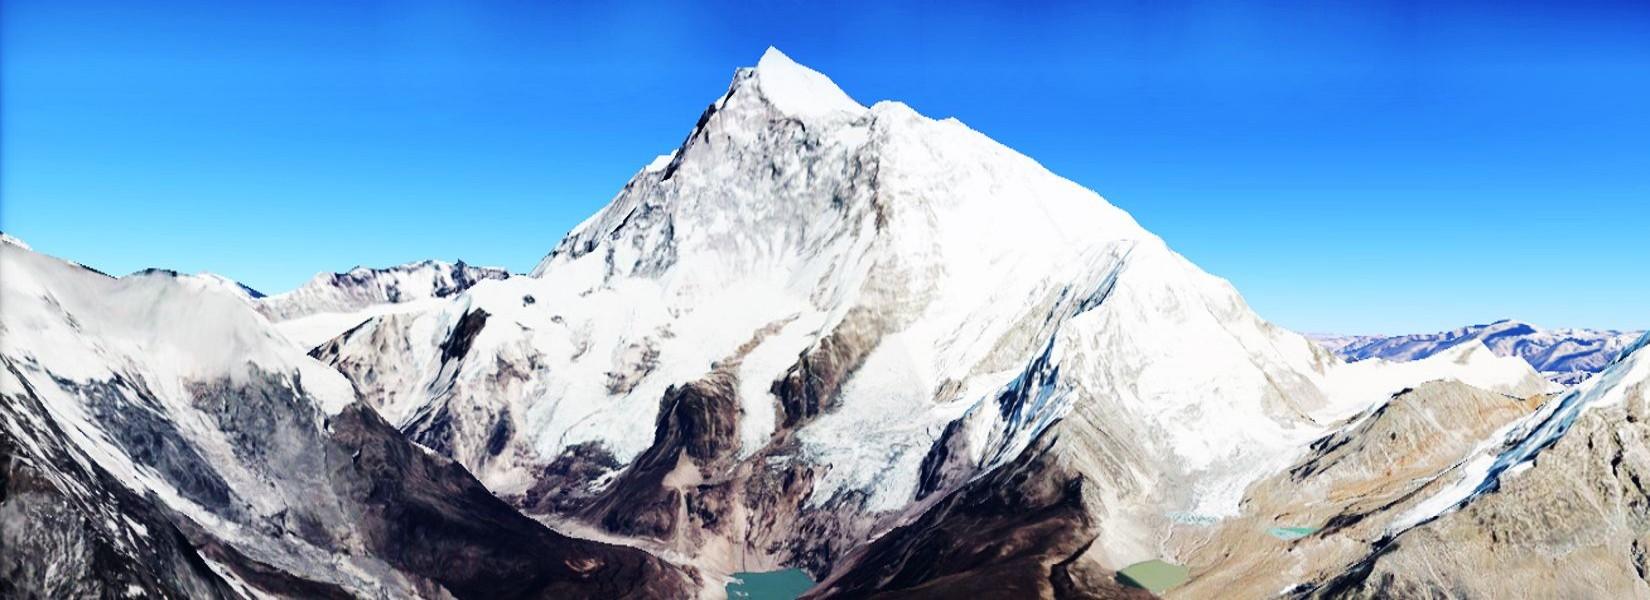 Mount Makalu, Makalu Base Camp Trek, Mahalangur Himalayan Range